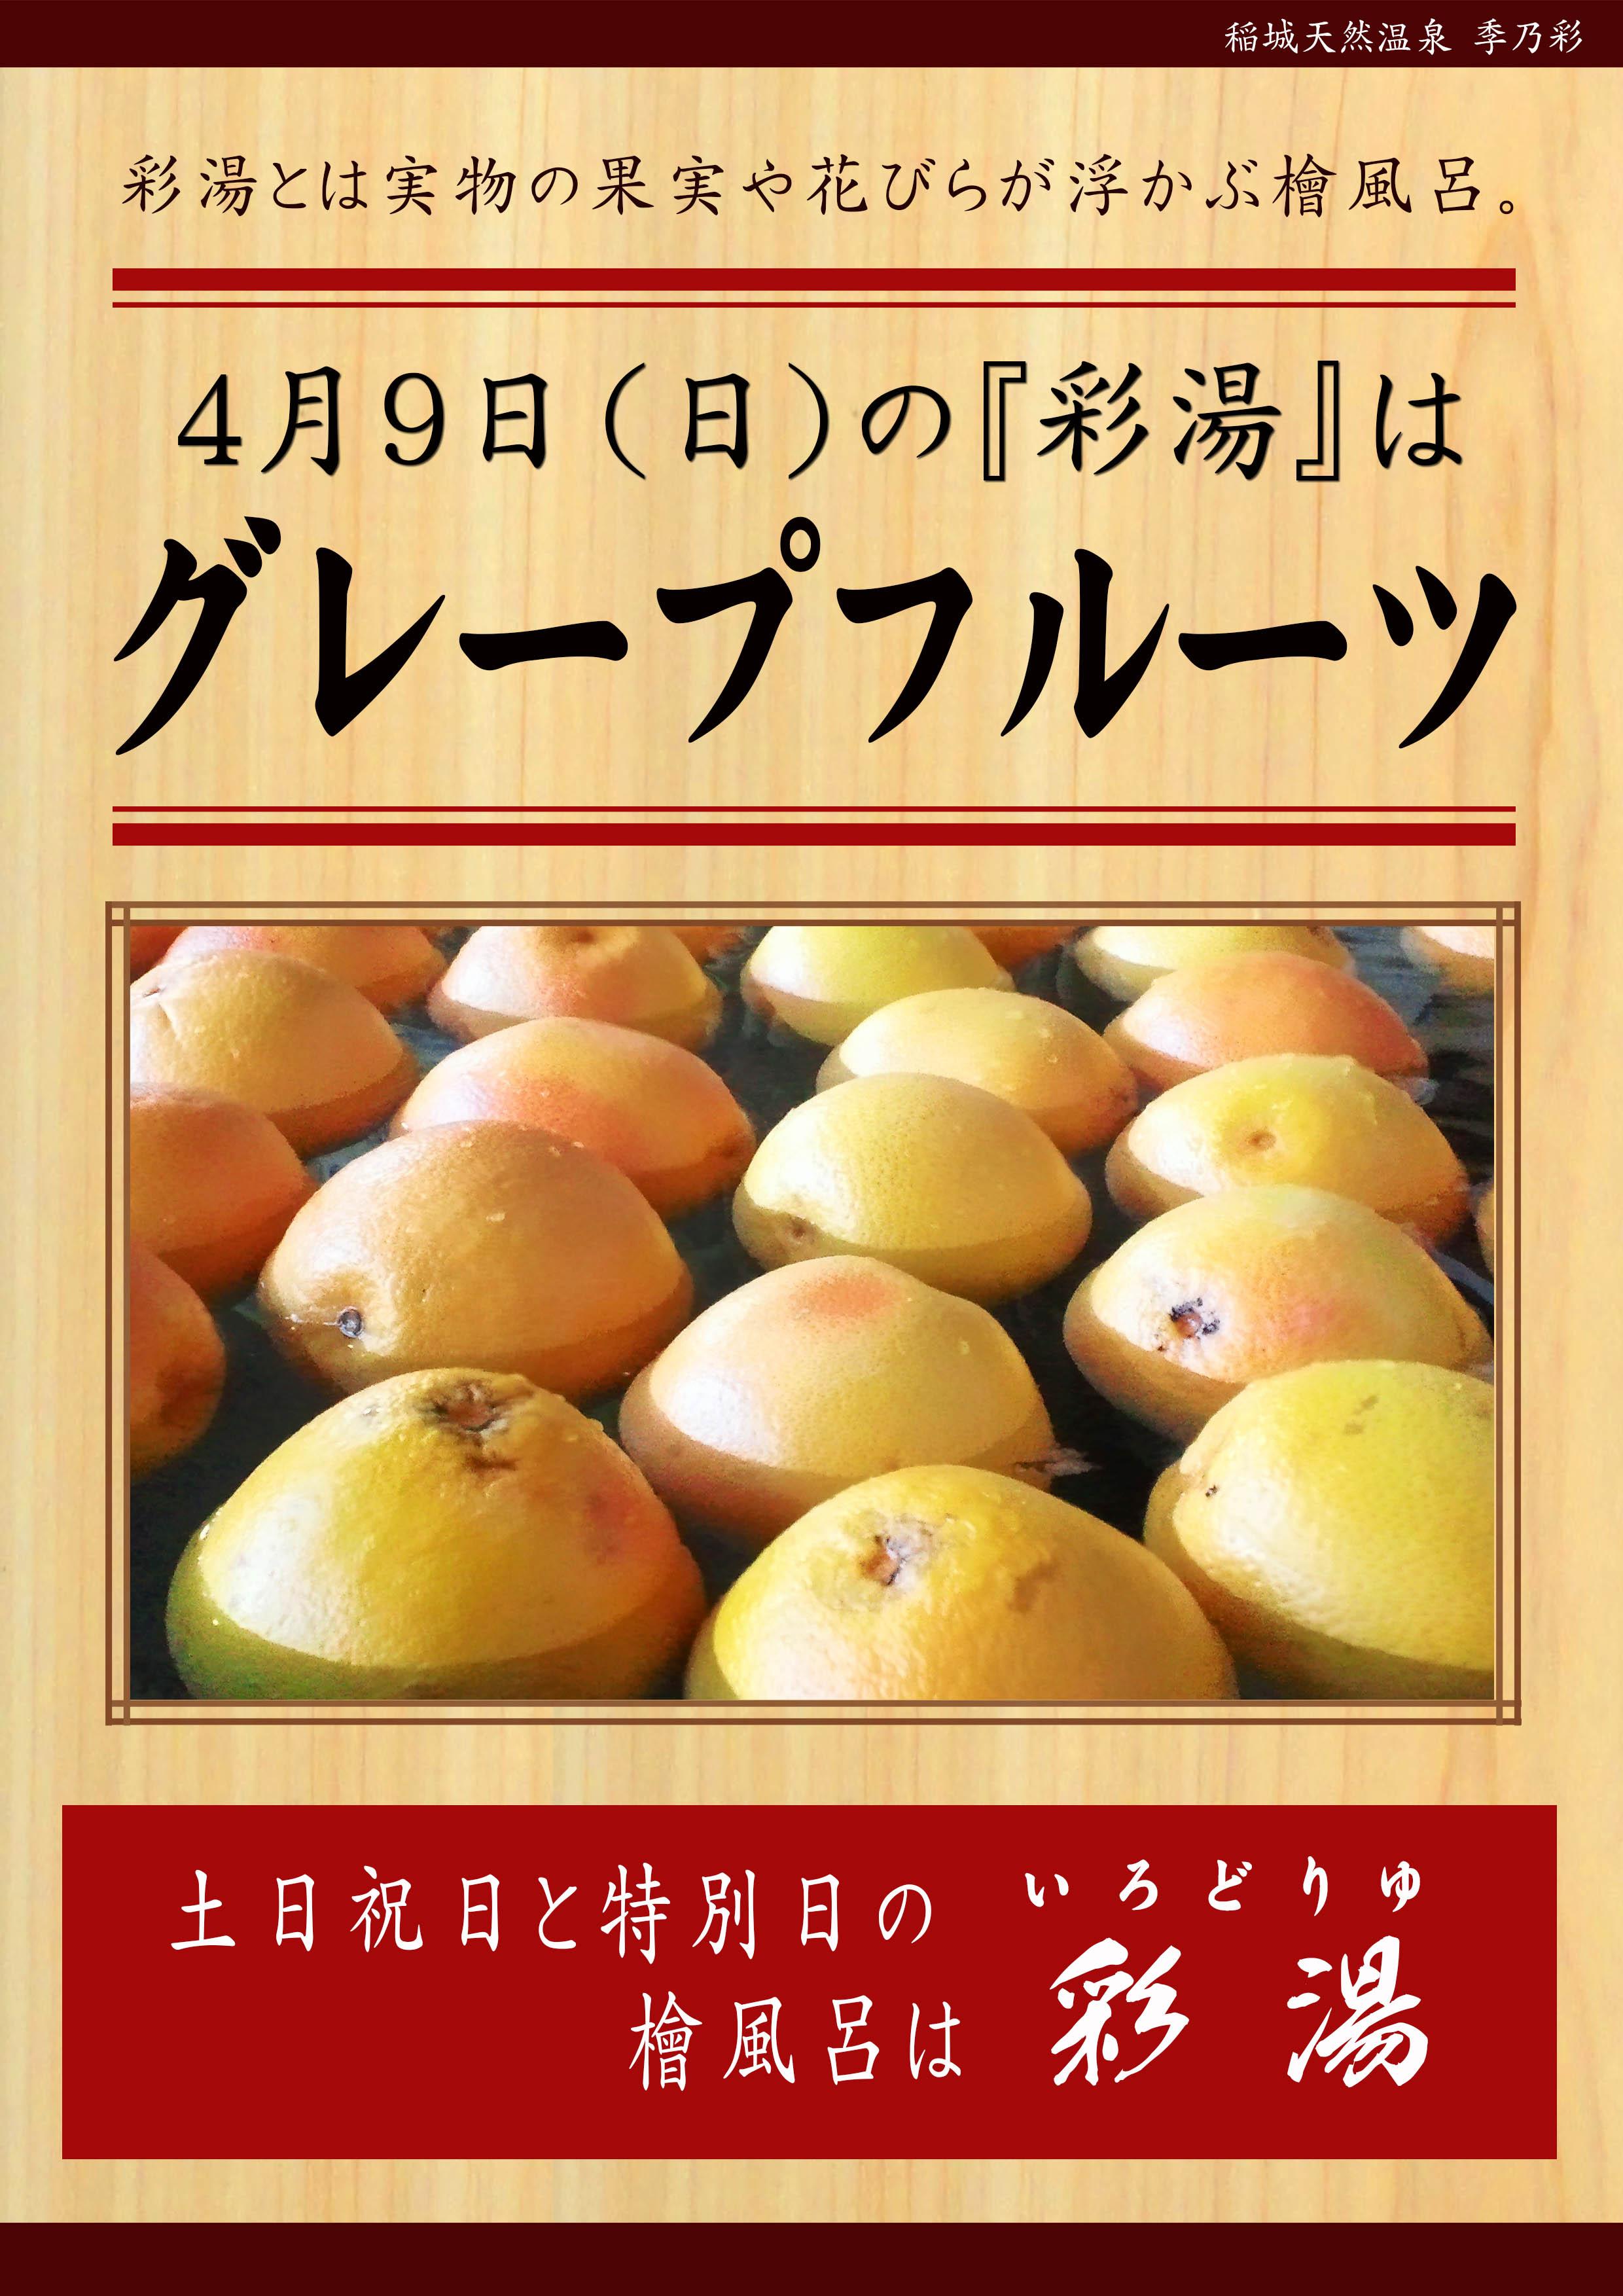 20170409POP イベント 彩湯 グレープフルーツ